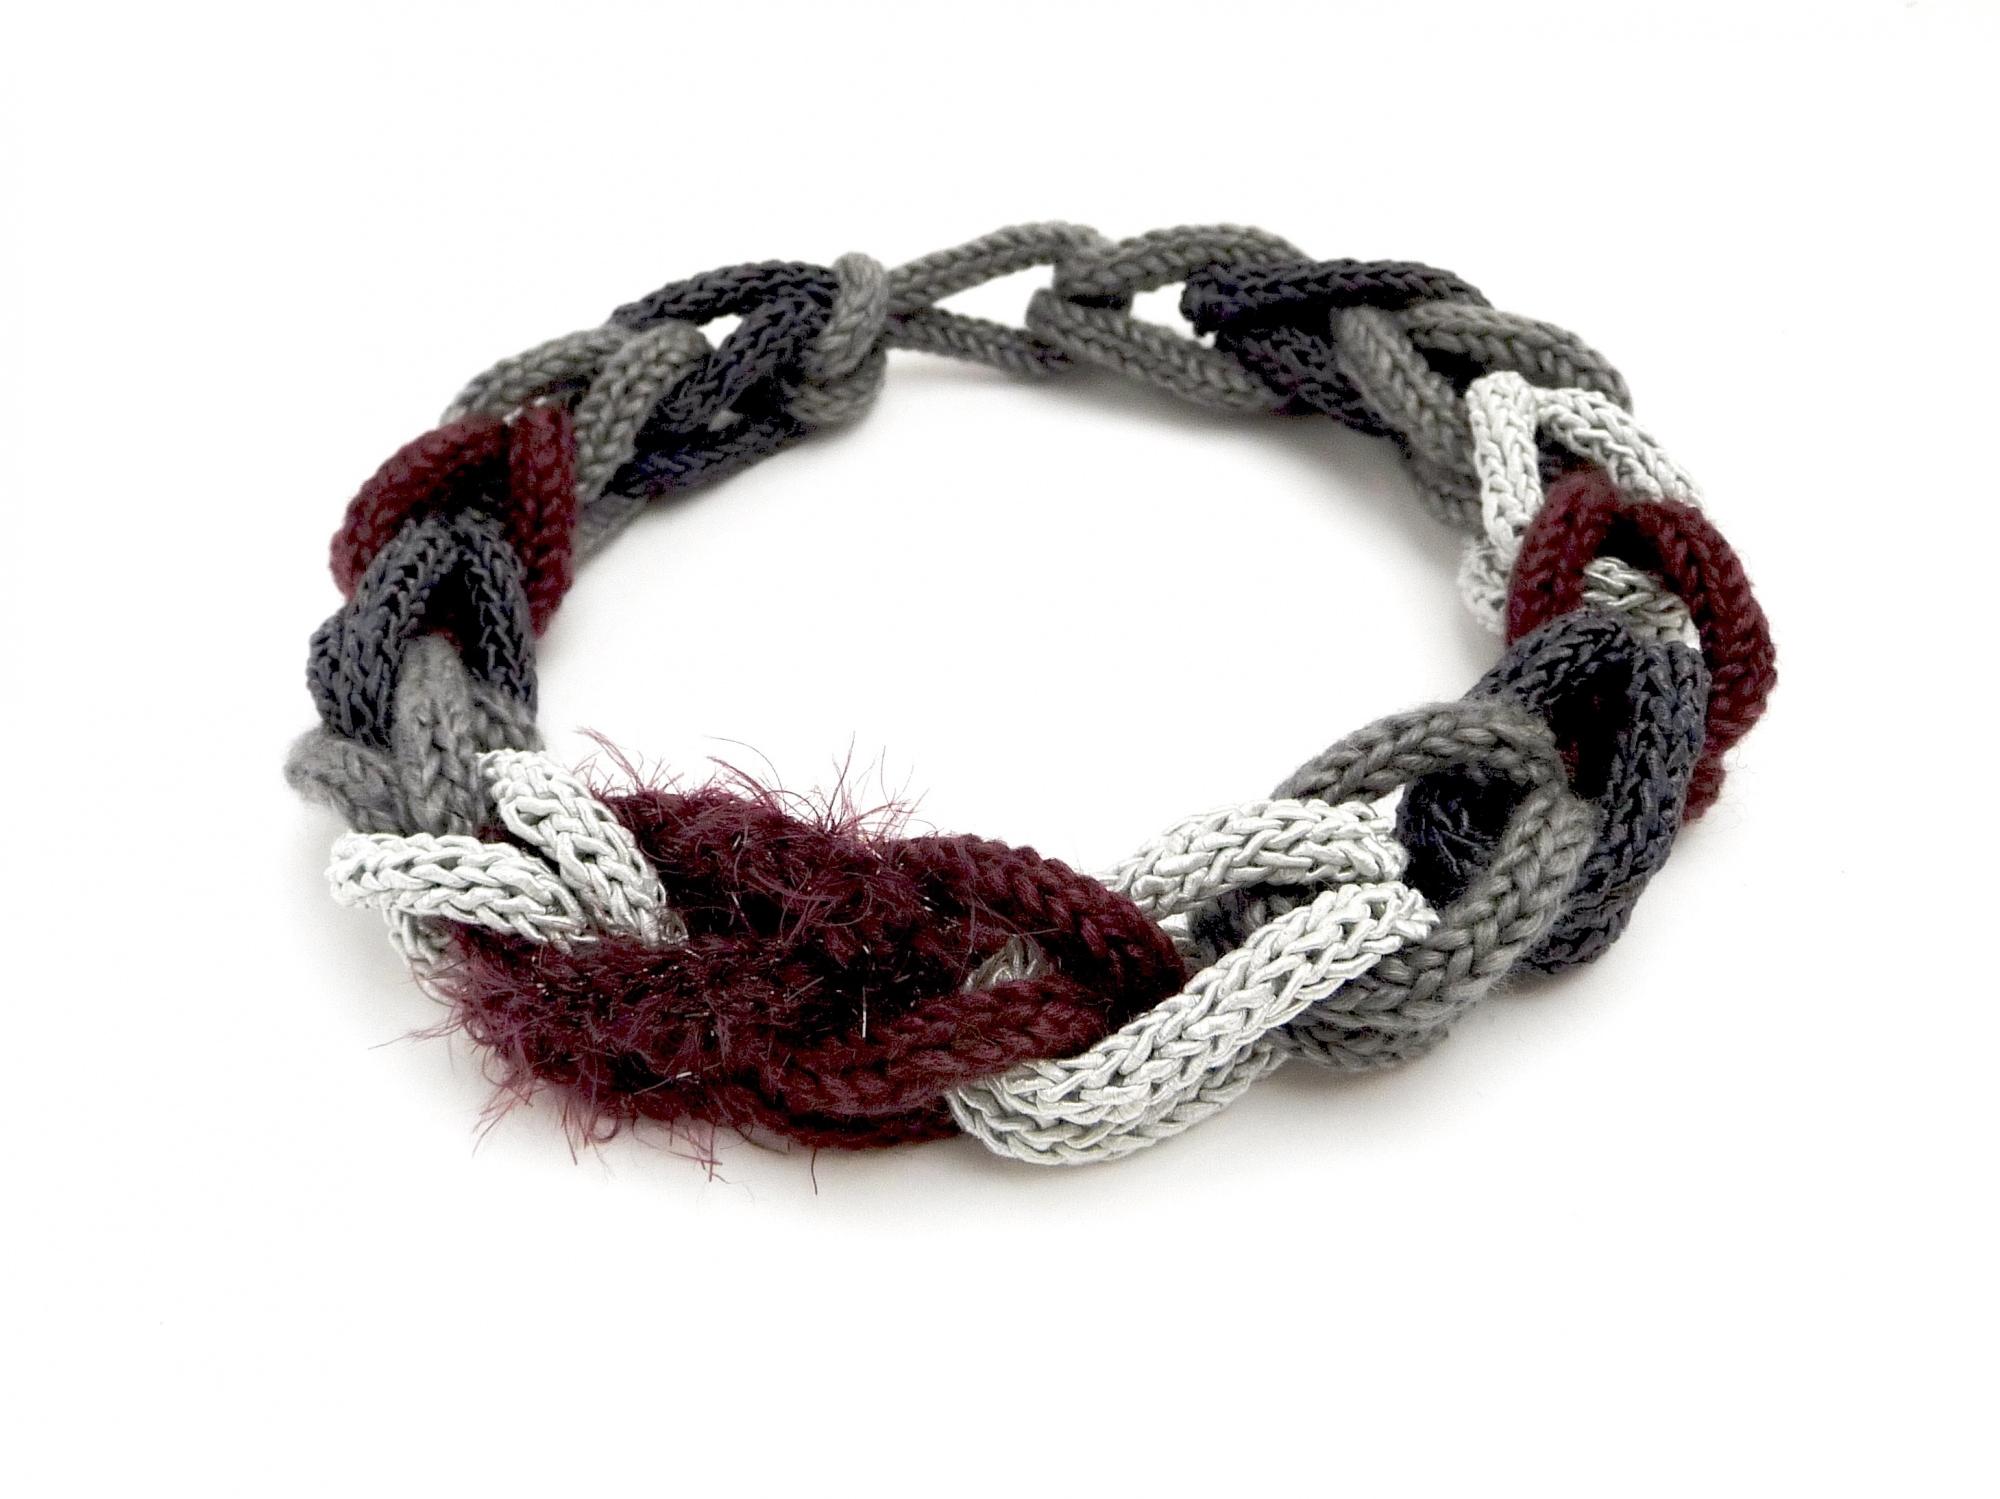 - Halskette Flechtwerk Weinrot Grau Seide Boa Handmade Unikat - Halskette Flechtwerk Weinrot Grau Seide Boa Handmade Unikat